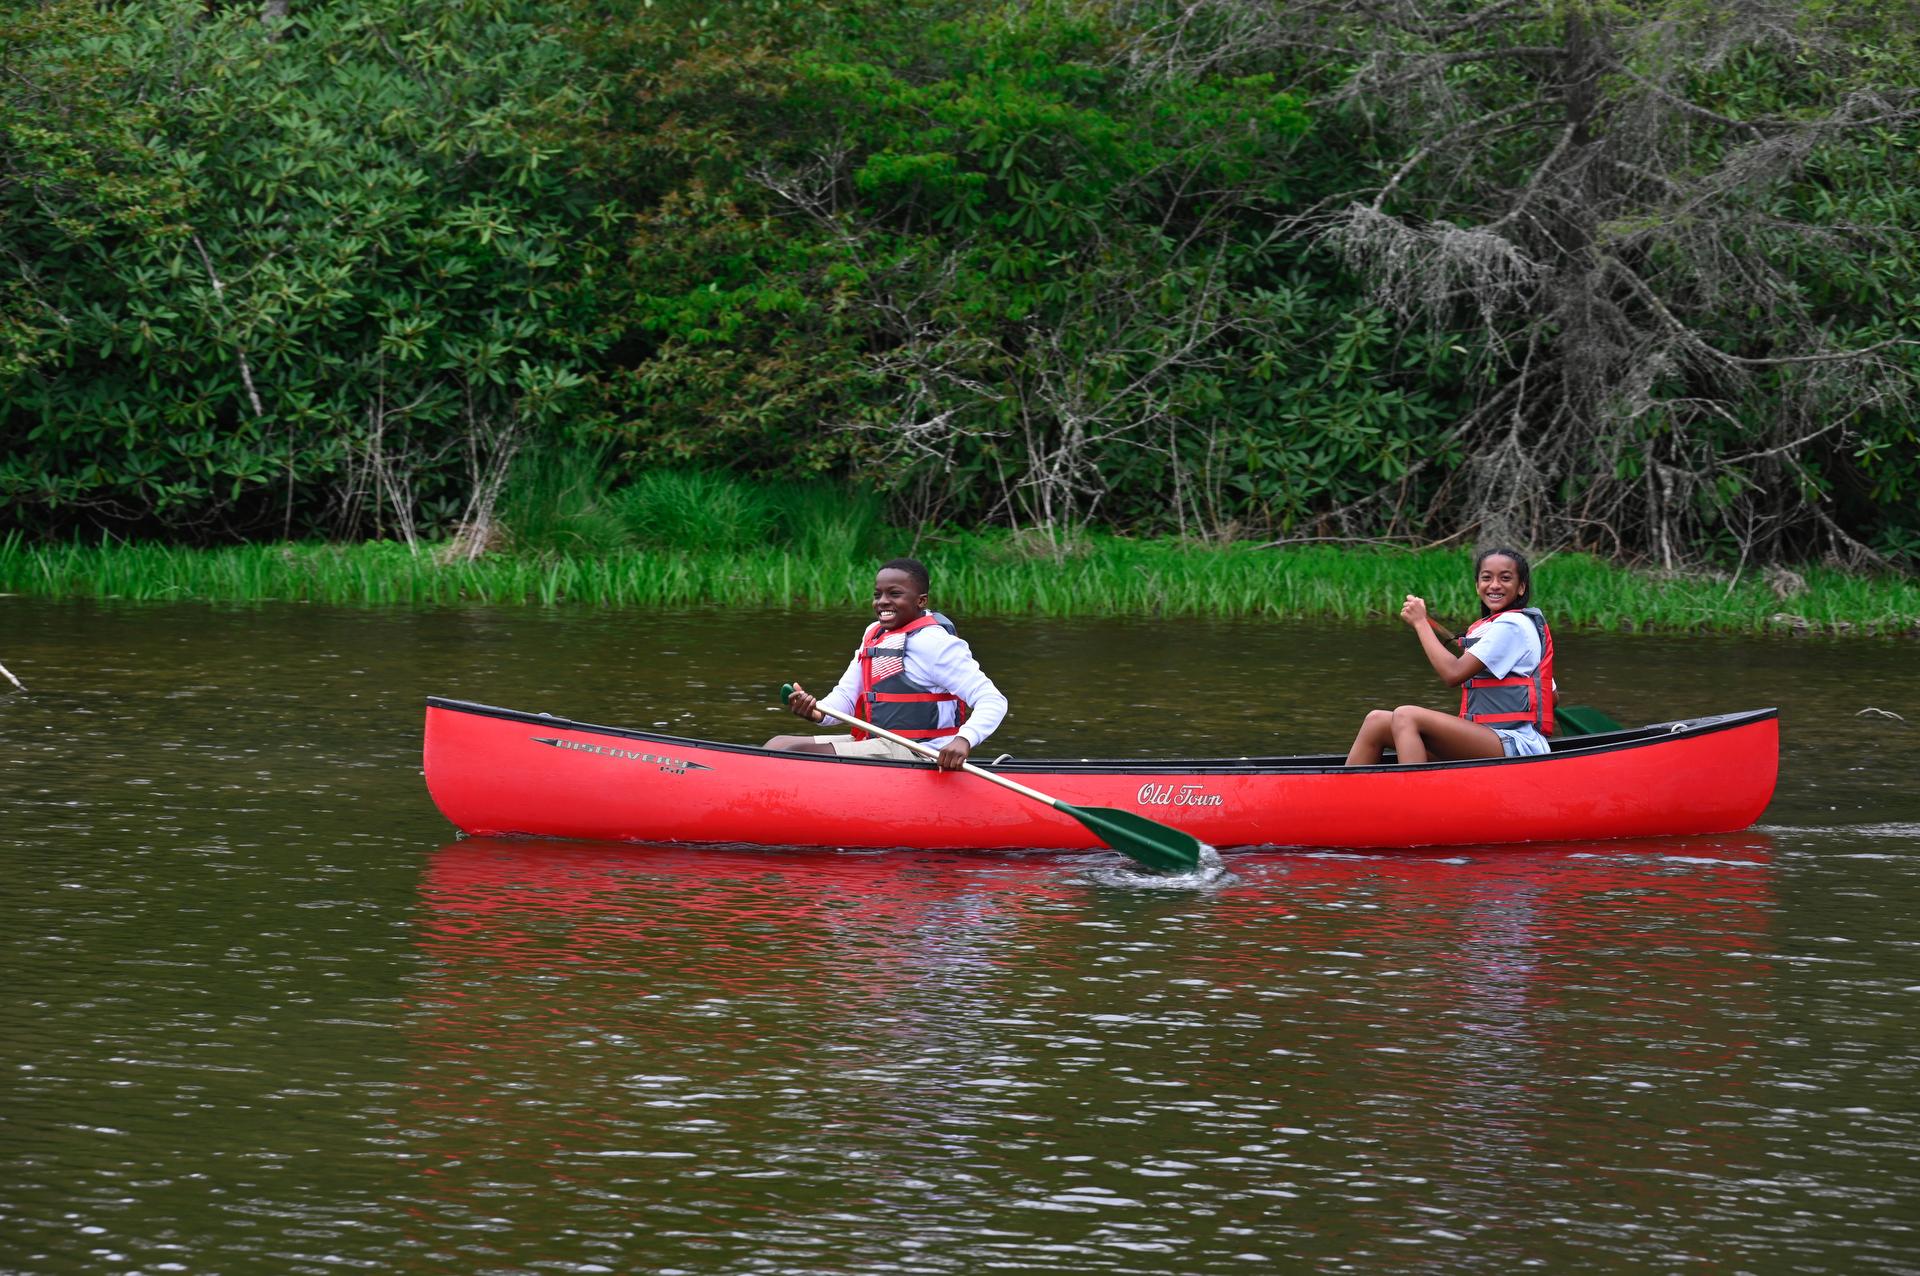 teenagers kayaking on price lake